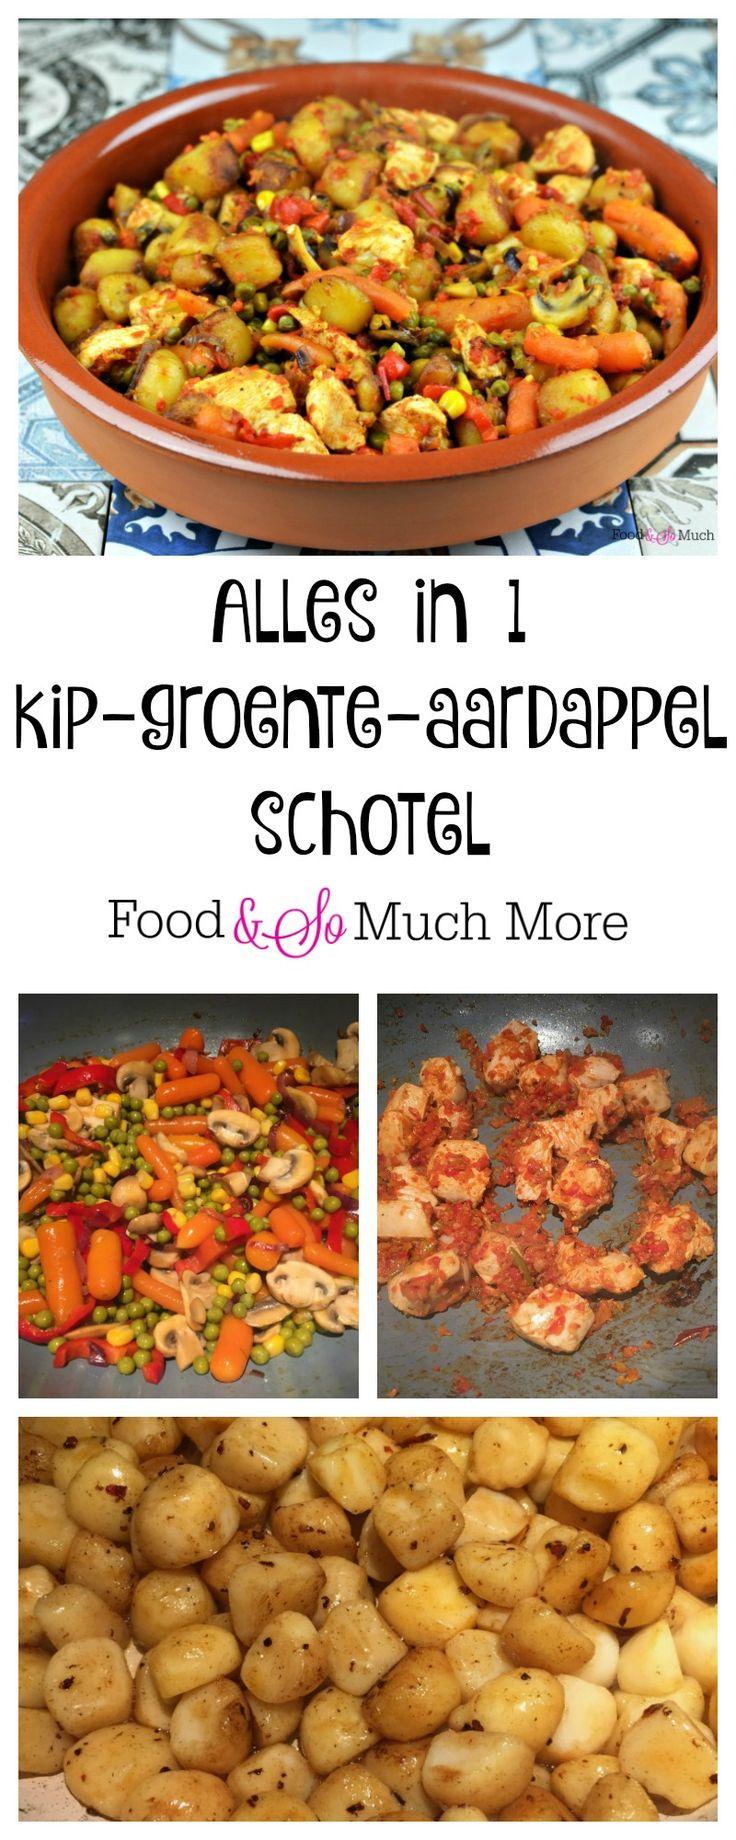 Heerlijke alles in 1 schotel met kip, groente en aardappel. Recept van foodensomuchmore.nl